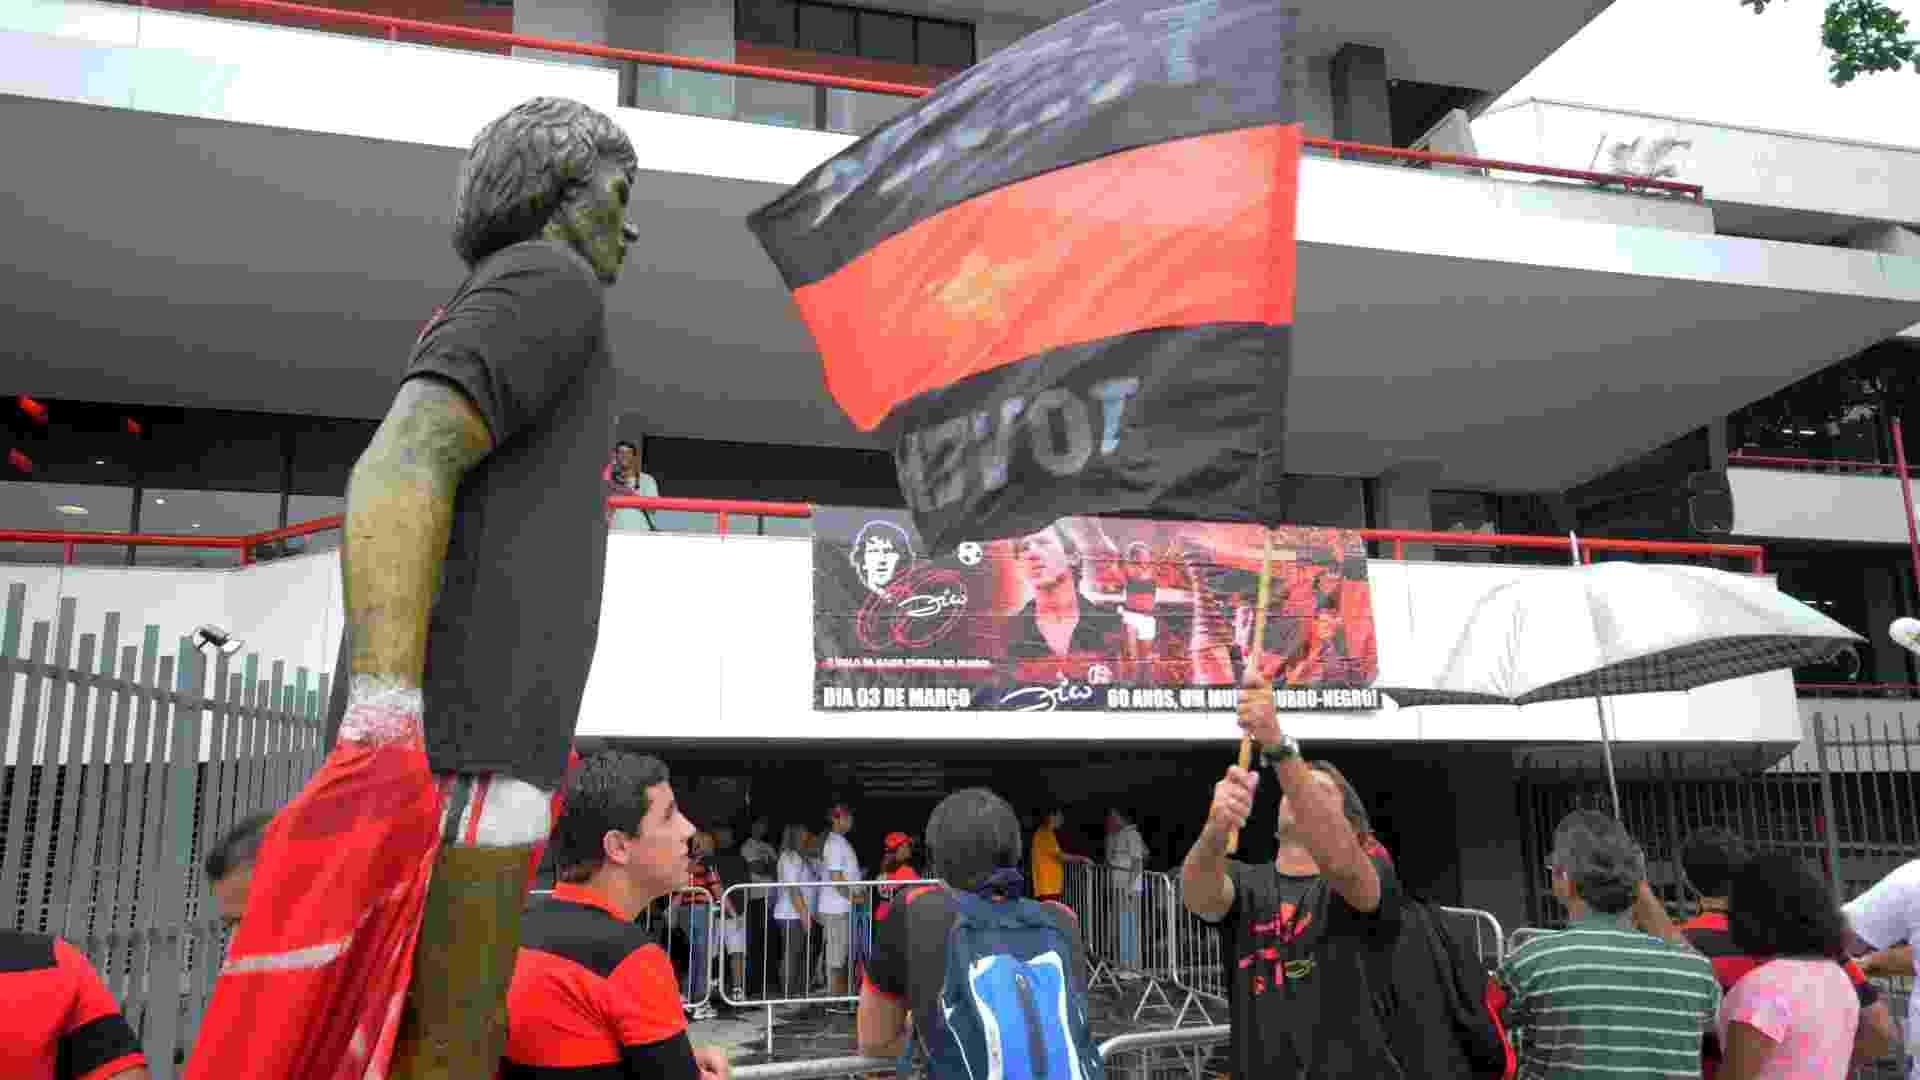 02.mar.2013 - Torcedores do Flamengo fazem festa na Gávea para comemorar aniversário do ídolo Zico, que faz 60 anos no domingo - Alexandre Vidal/Fla Imagem